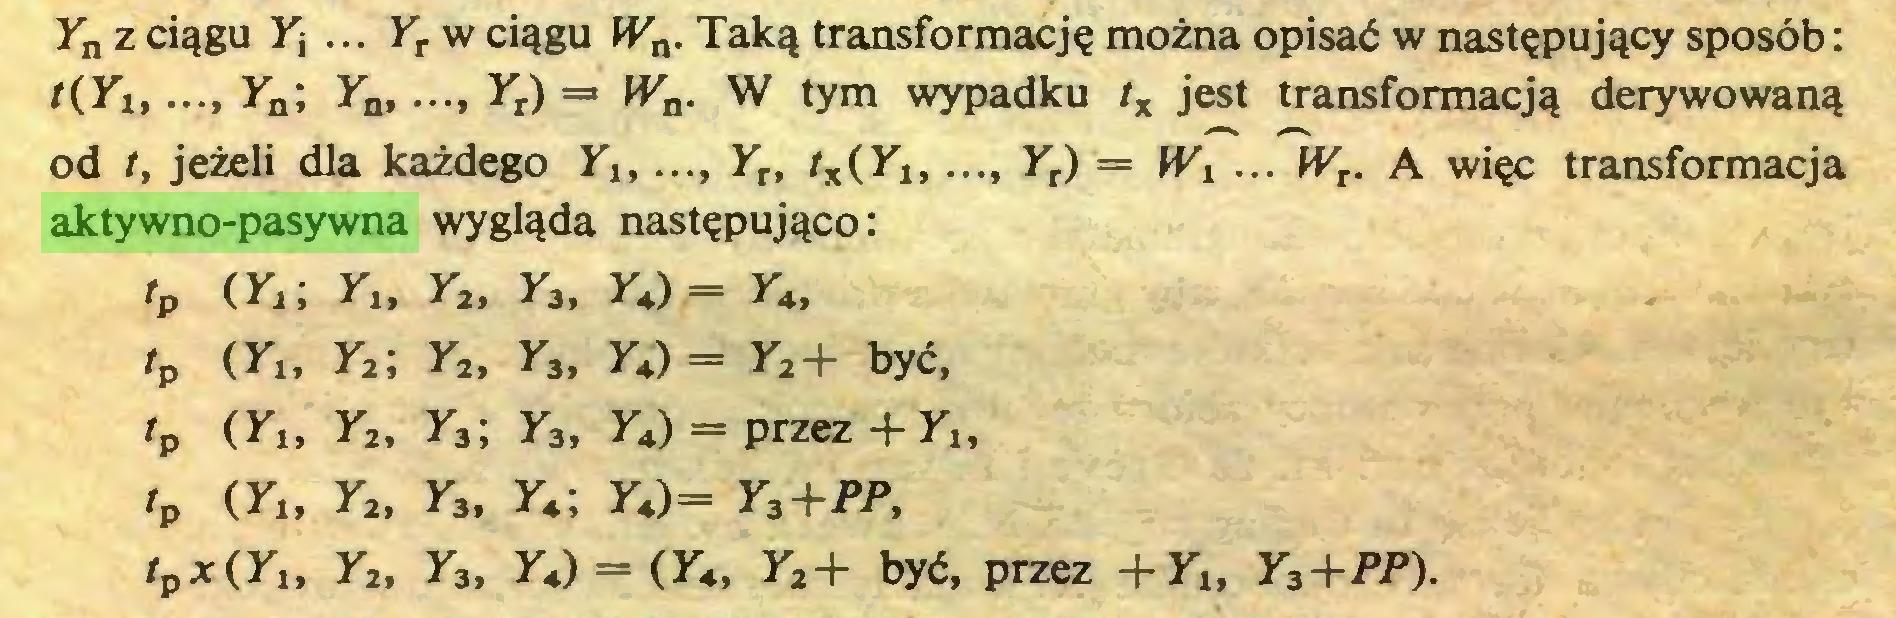 """(...) Yn z ciągu Yj ... Yr w ciągu Wn. Taką transformację można opisać w następujący sposób: t(Yi,..., Ya; Yn,..., Yr) = Wn. W tym wypadku tx jest transformacją derywowaną od t, jeżeli dla każdego Yt Yr, tx(Ylt..., Yr) — W1 ... WT. A więc transformacja aktywno-pasywna wygląda następująco: tp (Yi; Yt, Y2, y3, YJ = Y4, tp (Yu Y2; Y2, Y3, YJ = Y2+ być, tp (Yi, Y2, Y3; Y3, YJ = przez + Yu tp (Y"""" Y2, Y3, Yj YJ= Y3+PP, tpx(Yu Y2, Y3, YJ = (Y4, Y2+ być, przez +YU Y3+PP)..."""